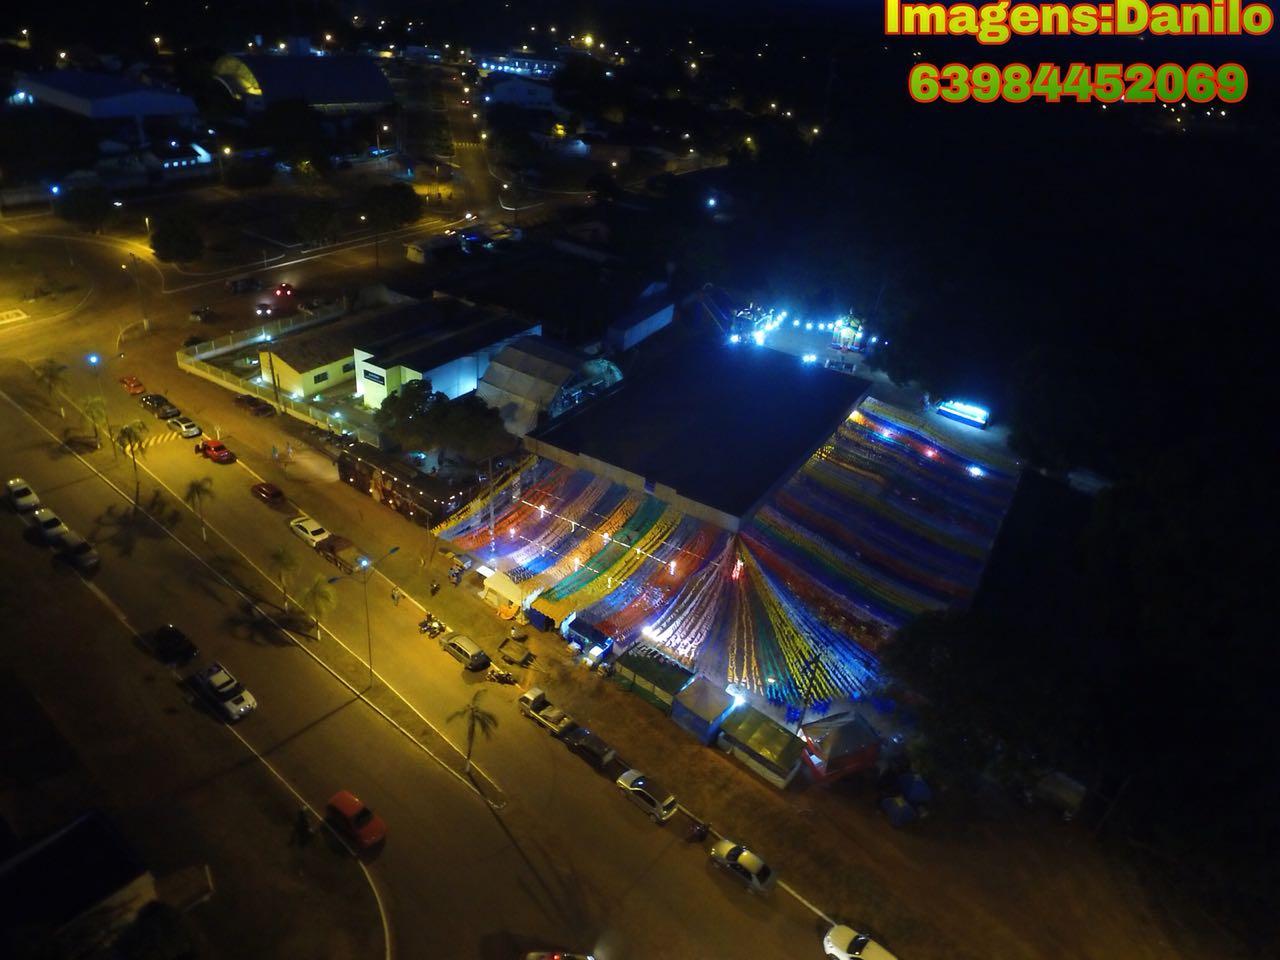 Festejos de São João atraem grande público em Dois Irmãos do Tocantins